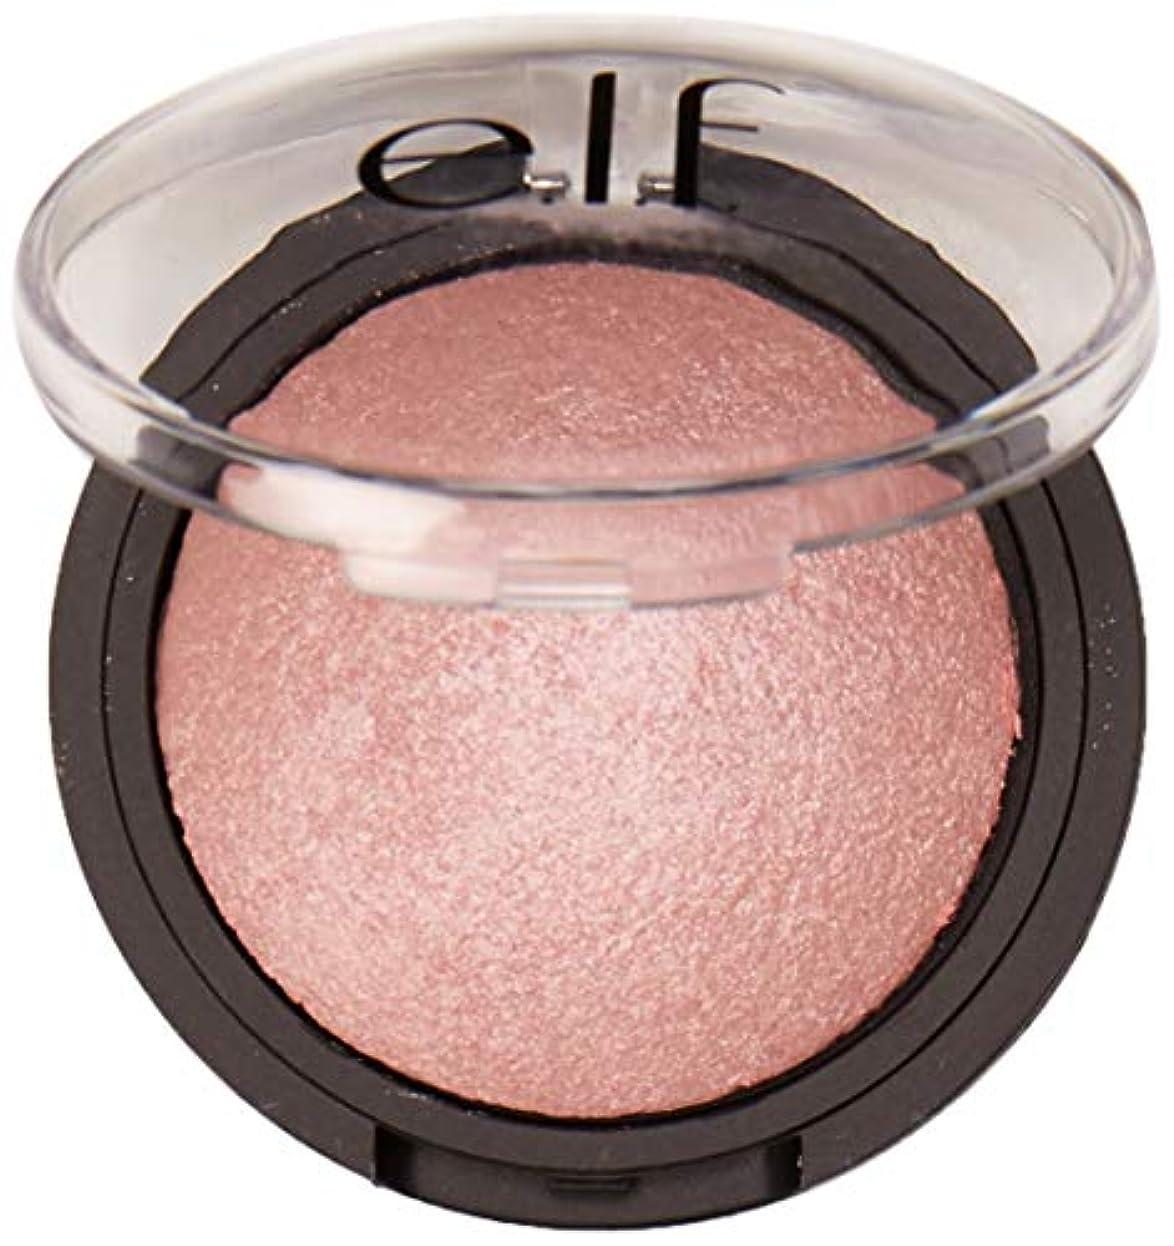 戦艦代表オートe.l.f. Studio Baked Highlighter - Pink Diamonds(ベイクドハイライター, ピンクダイヤモンド, 0.17 oz 5 g)